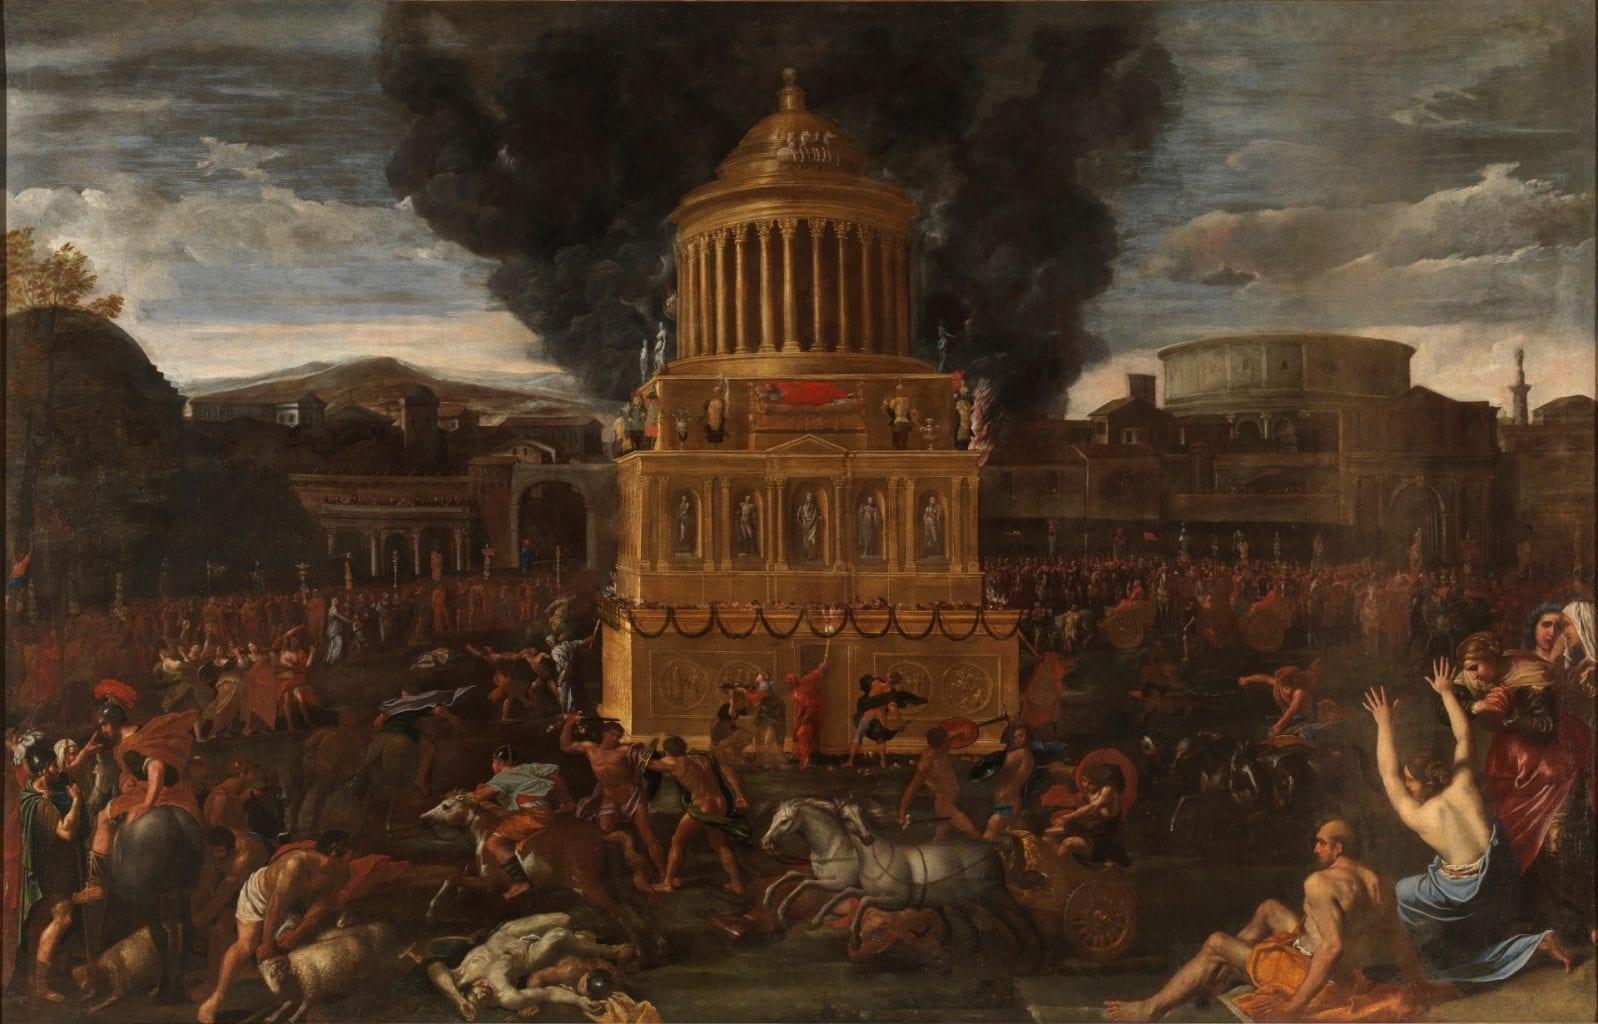 Funeral Rites for a Roman Emperor by Italian painter Domenichino. Credit: Museo Del Prado